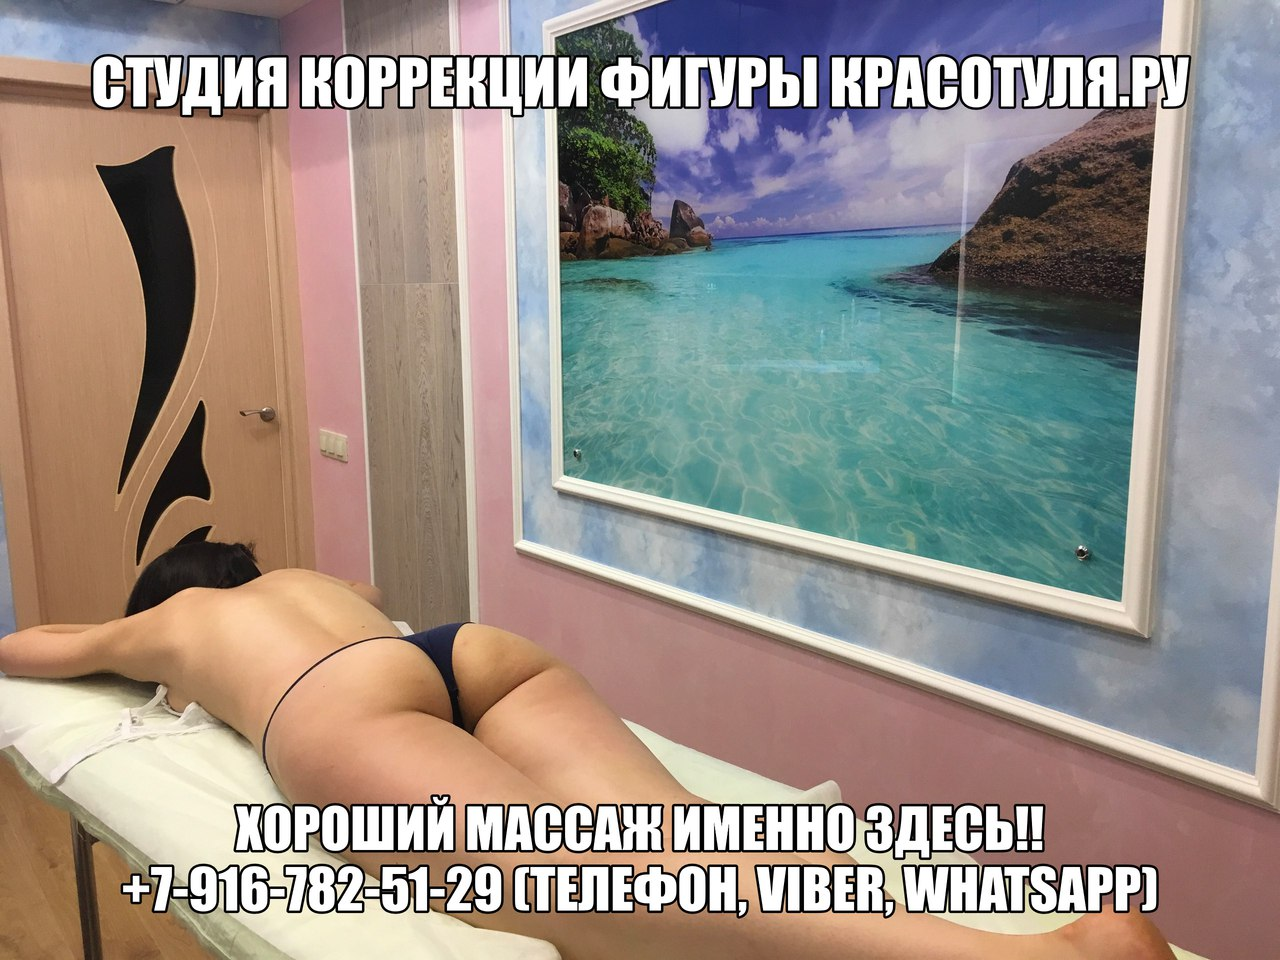 антицеллюлитный массаж бедер и ягодиц, массажист в Москве, массажный салон,